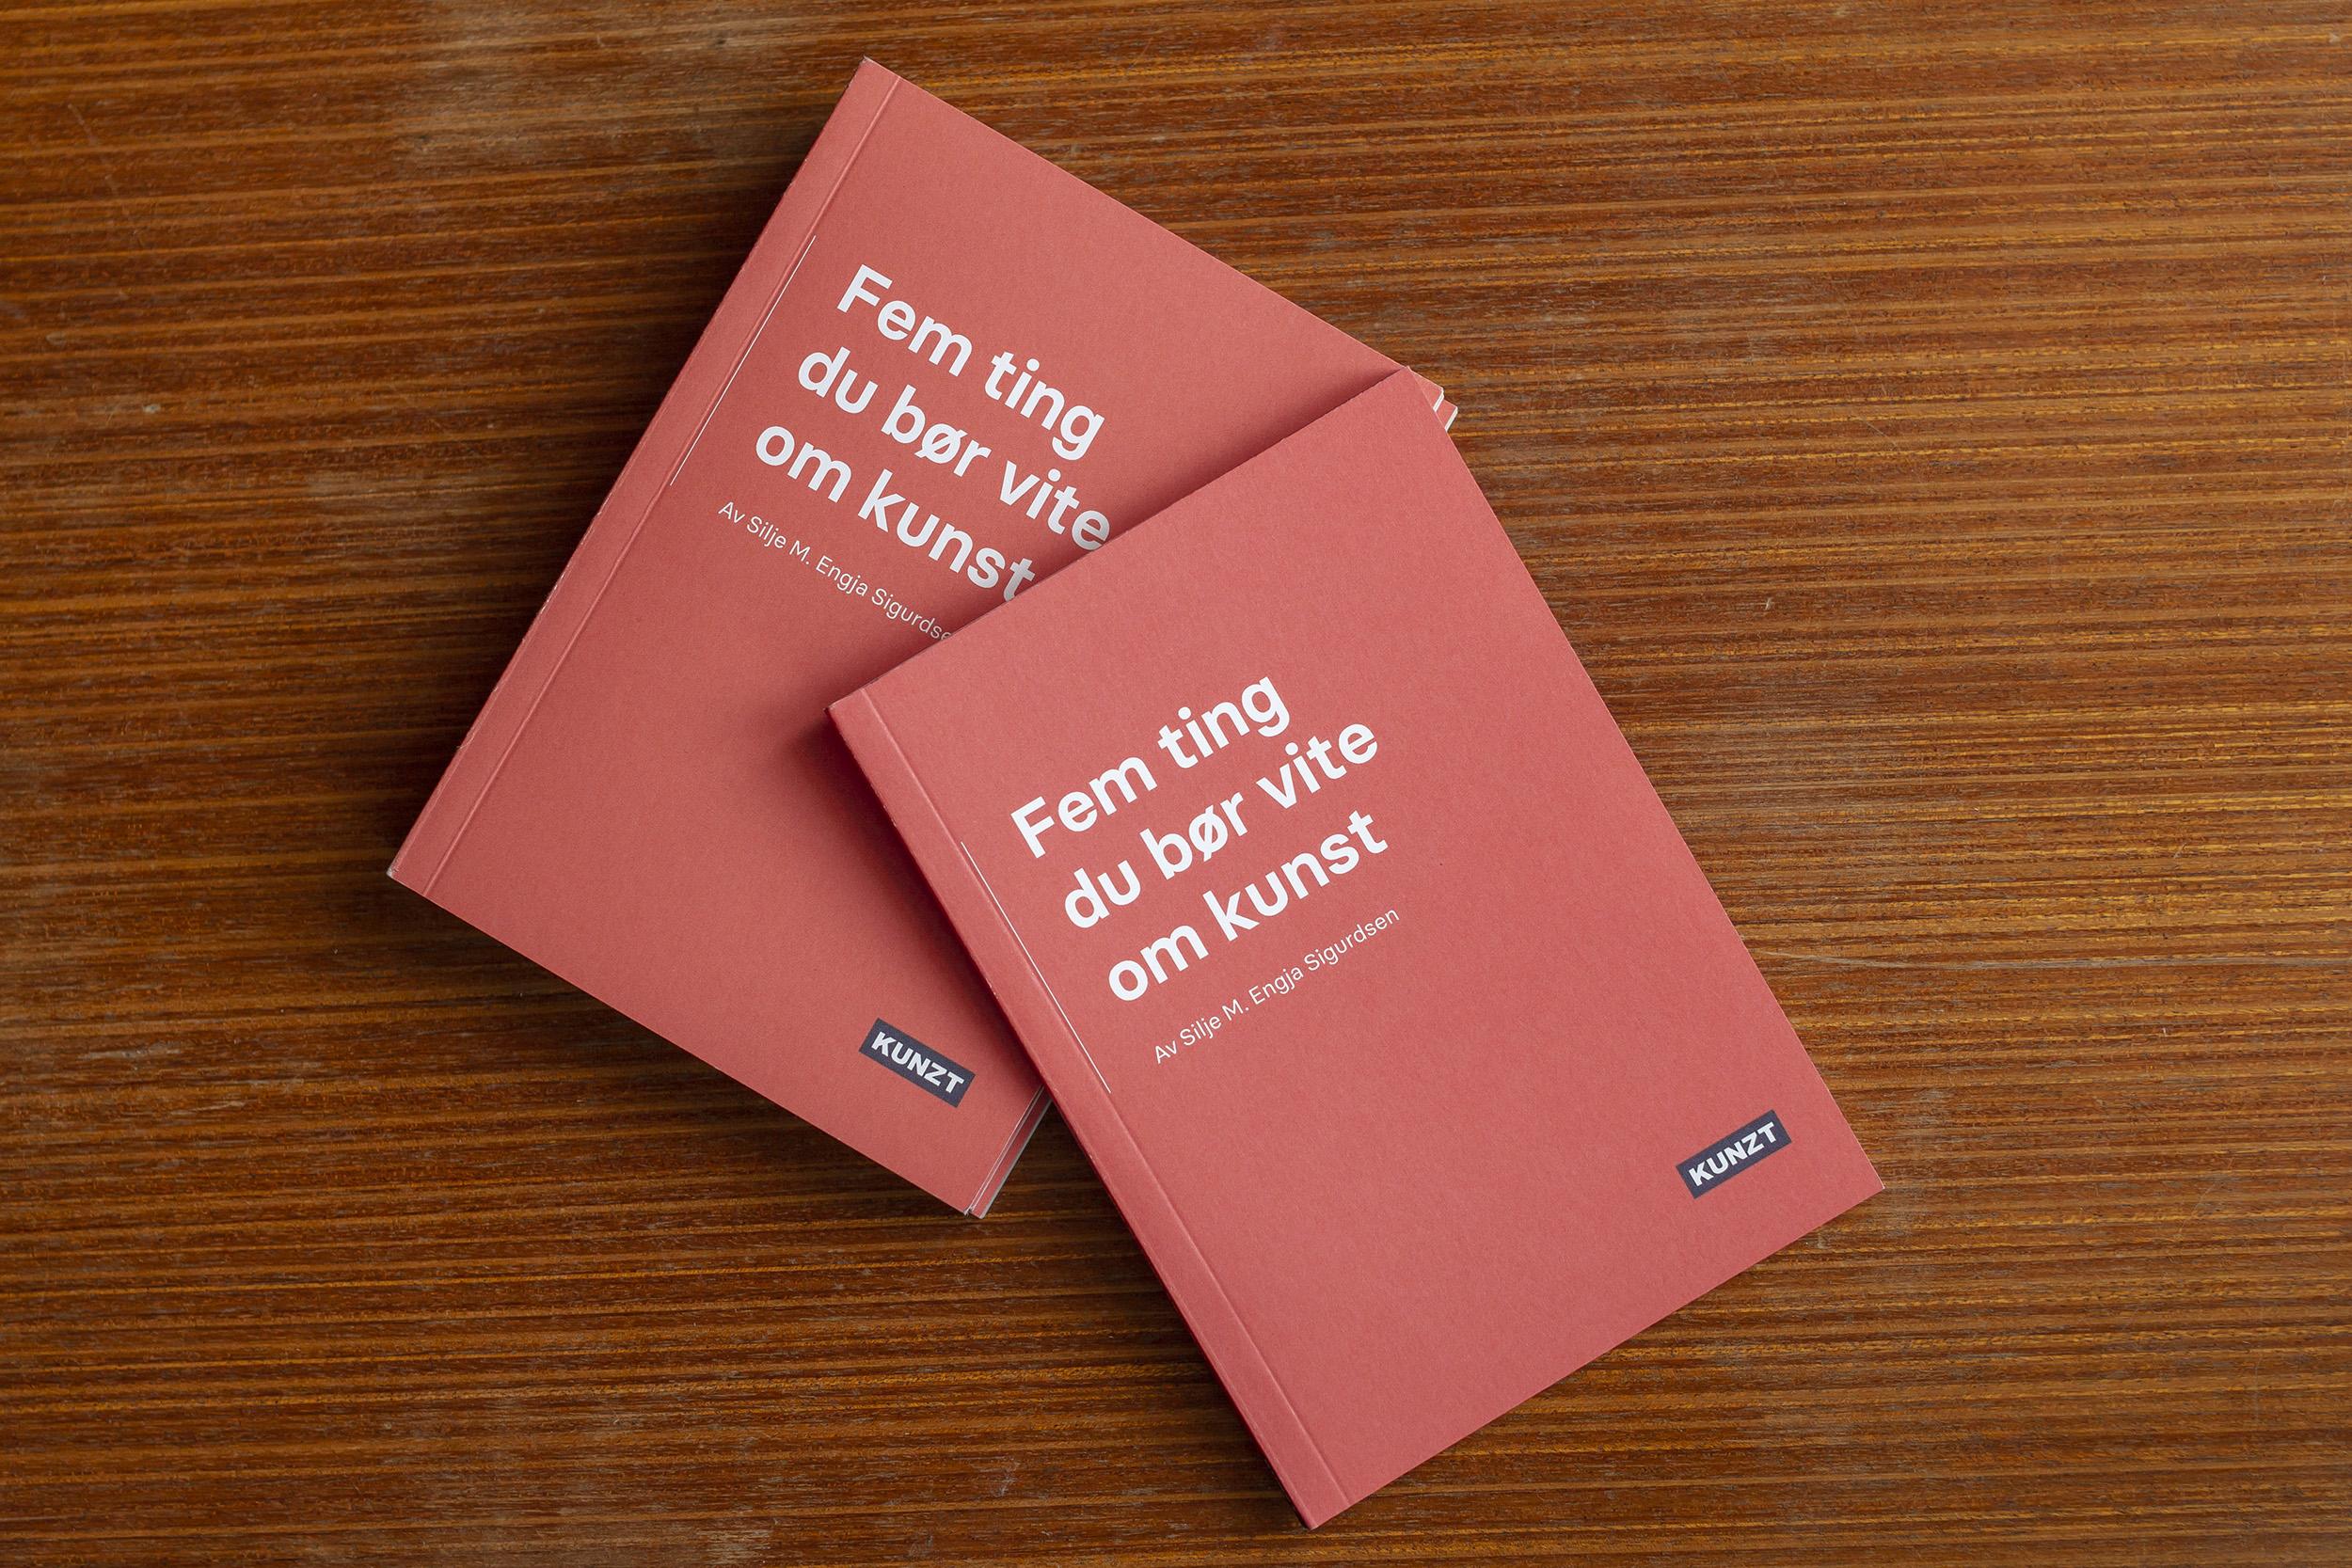 bøker.jpg